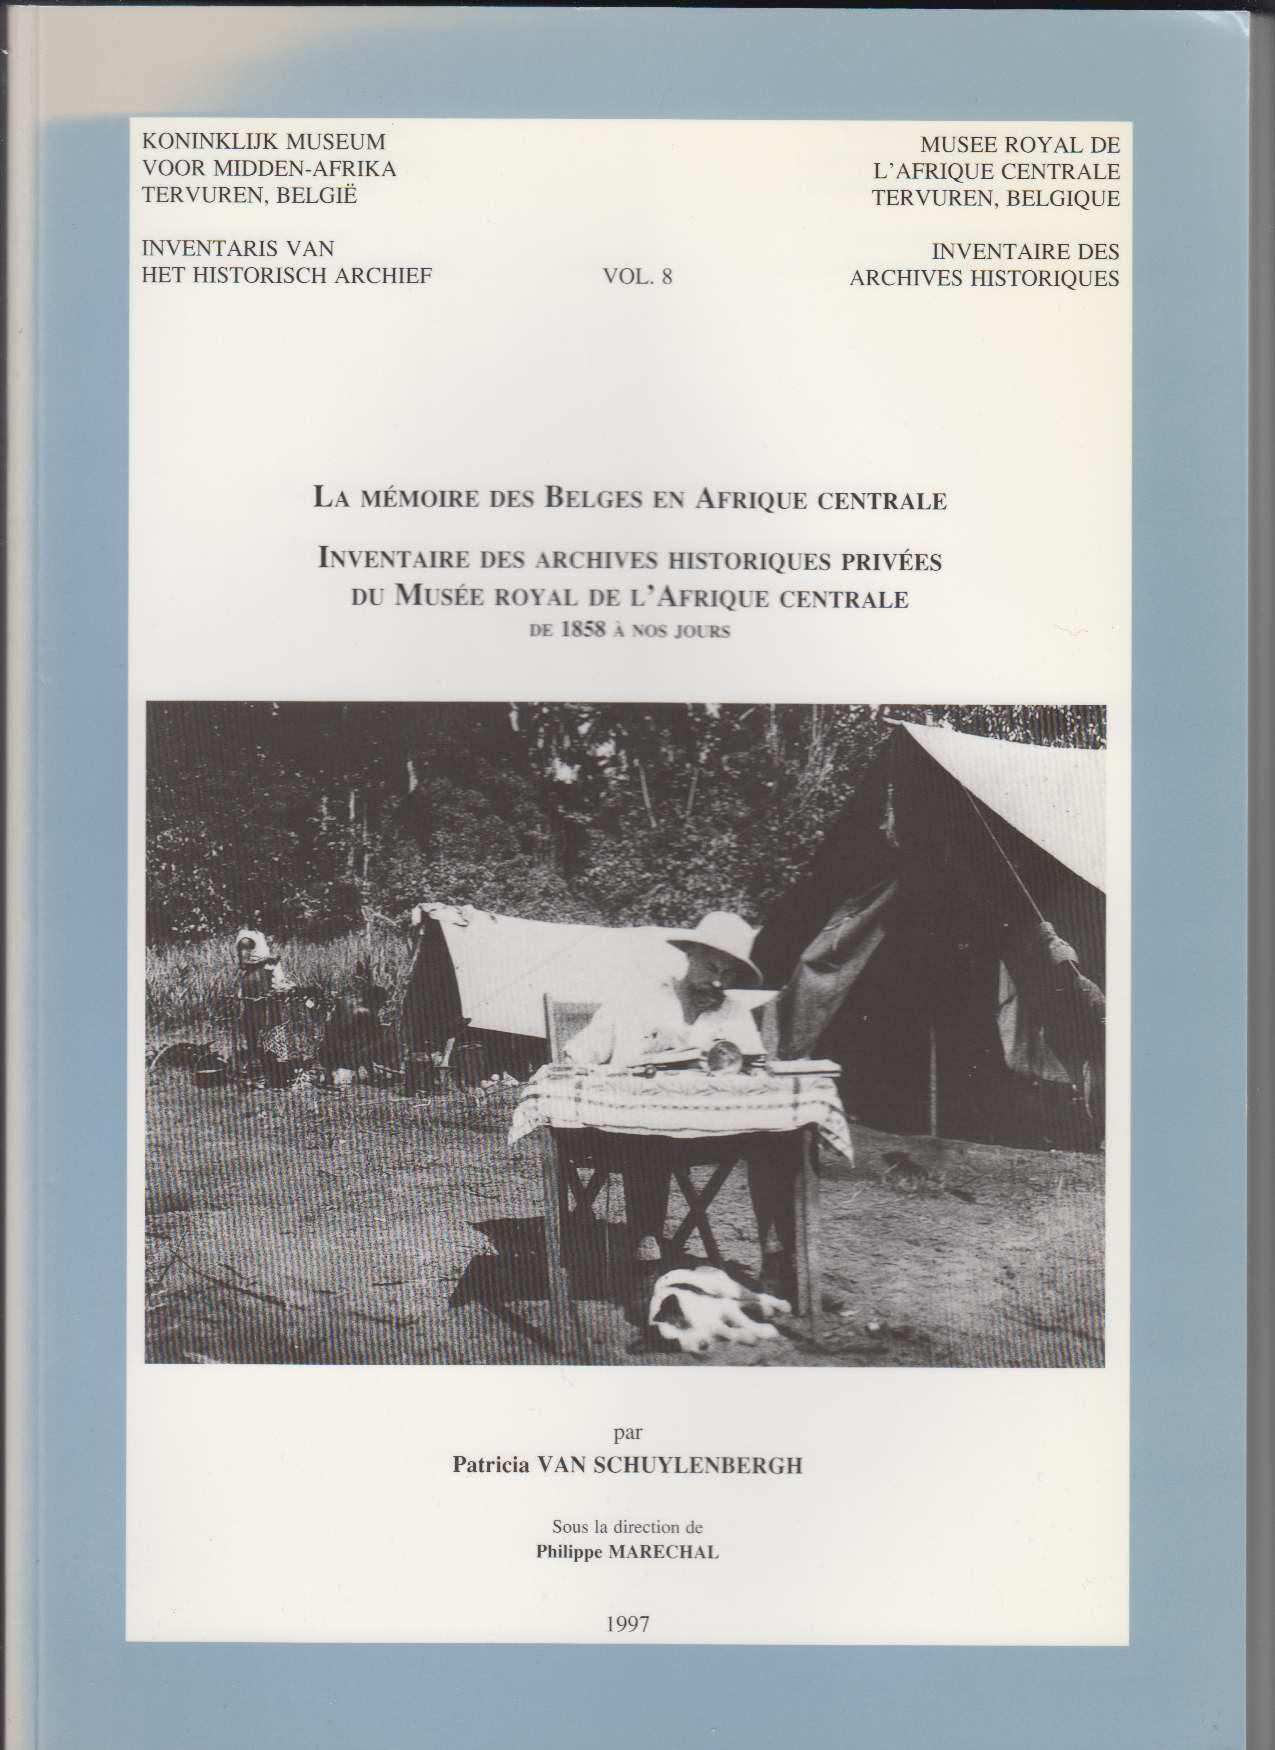 Image for La Memoire des Belges en Afrique Centrale Vol. 8. Inventaire Des Archives Historiques Privees Du Musee Royal De L'Afrique Centrale